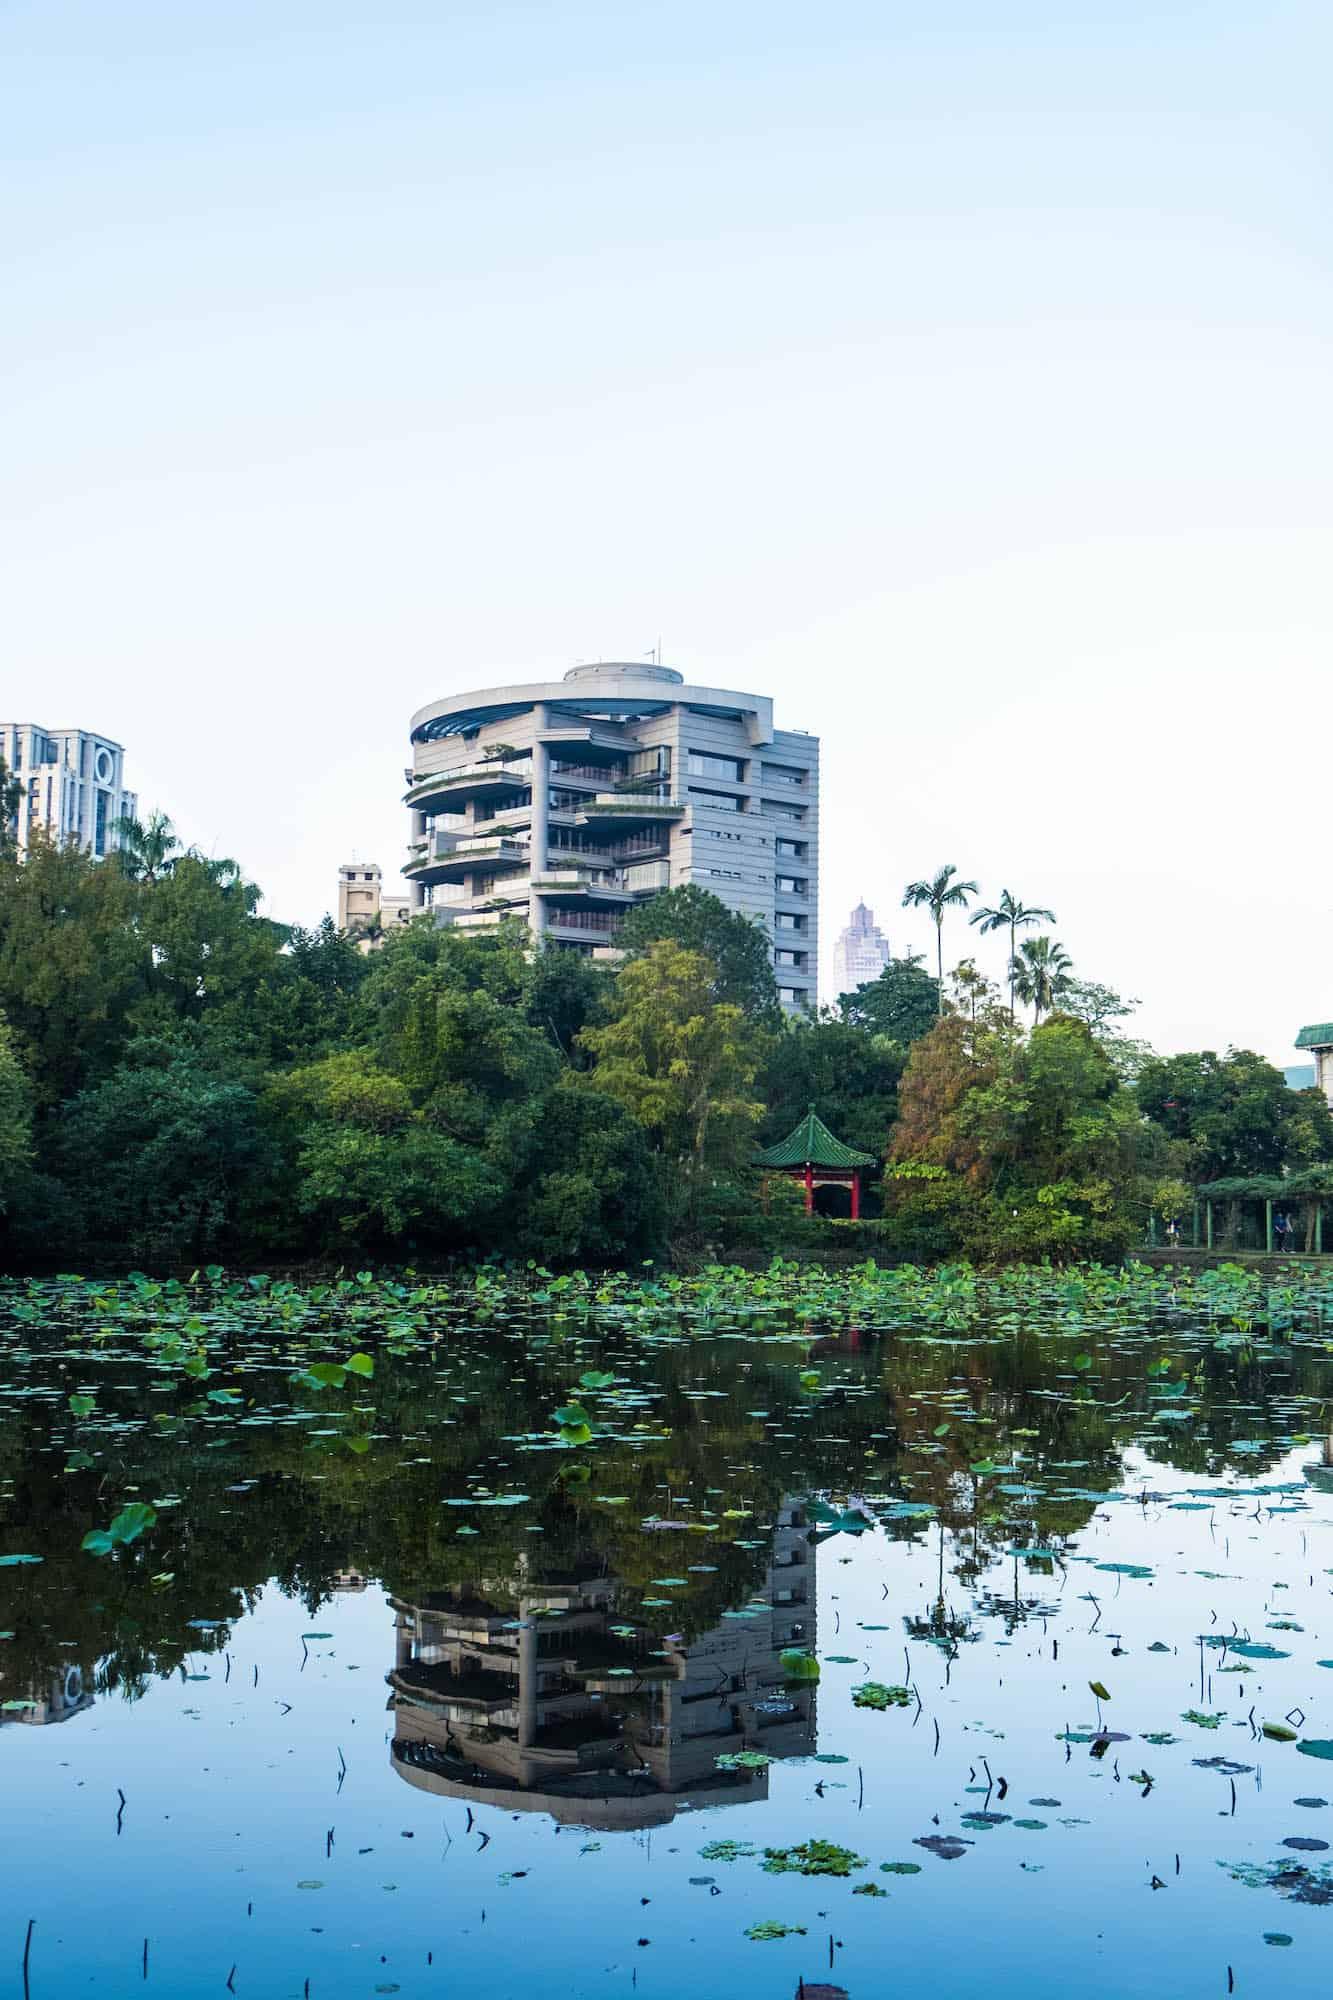 Travel in Taiwan - Garden City